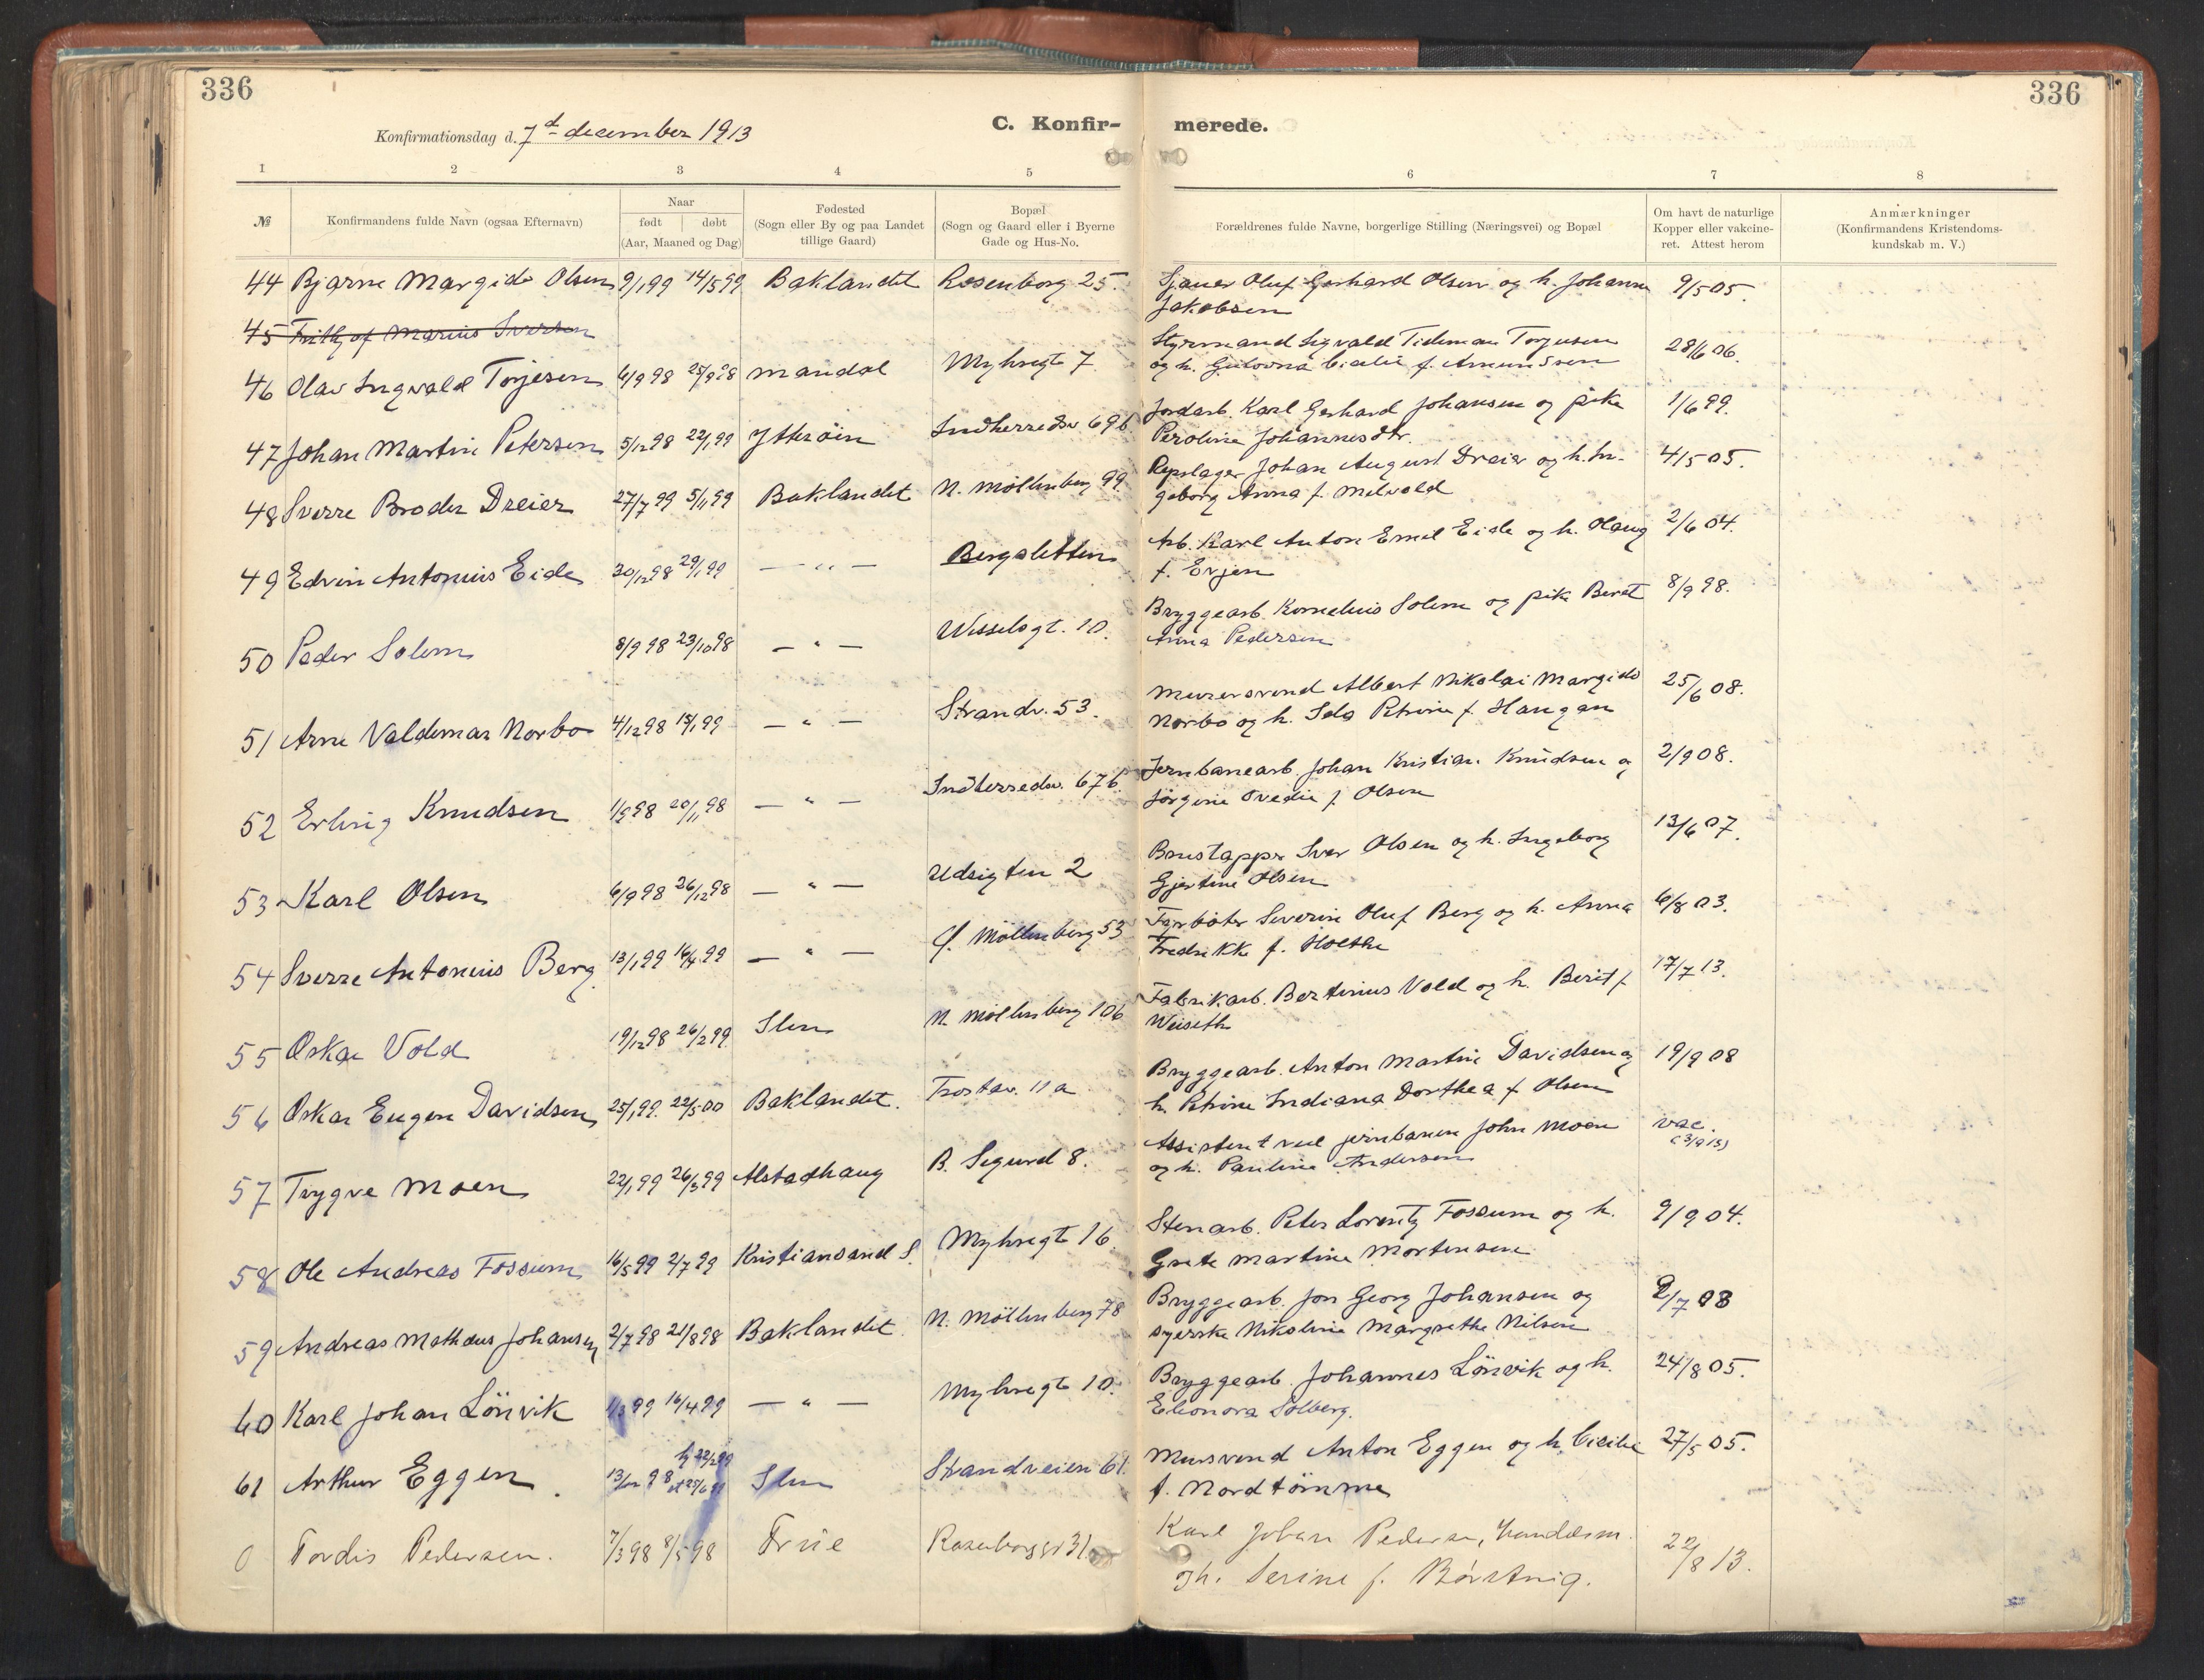 SAT, Ministerialprotokoller, klokkerbøker og fødselsregistre - Sør-Trøndelag, 605/L0243: Ministerialbok nr. 605A05, 1908-1923, s. 336